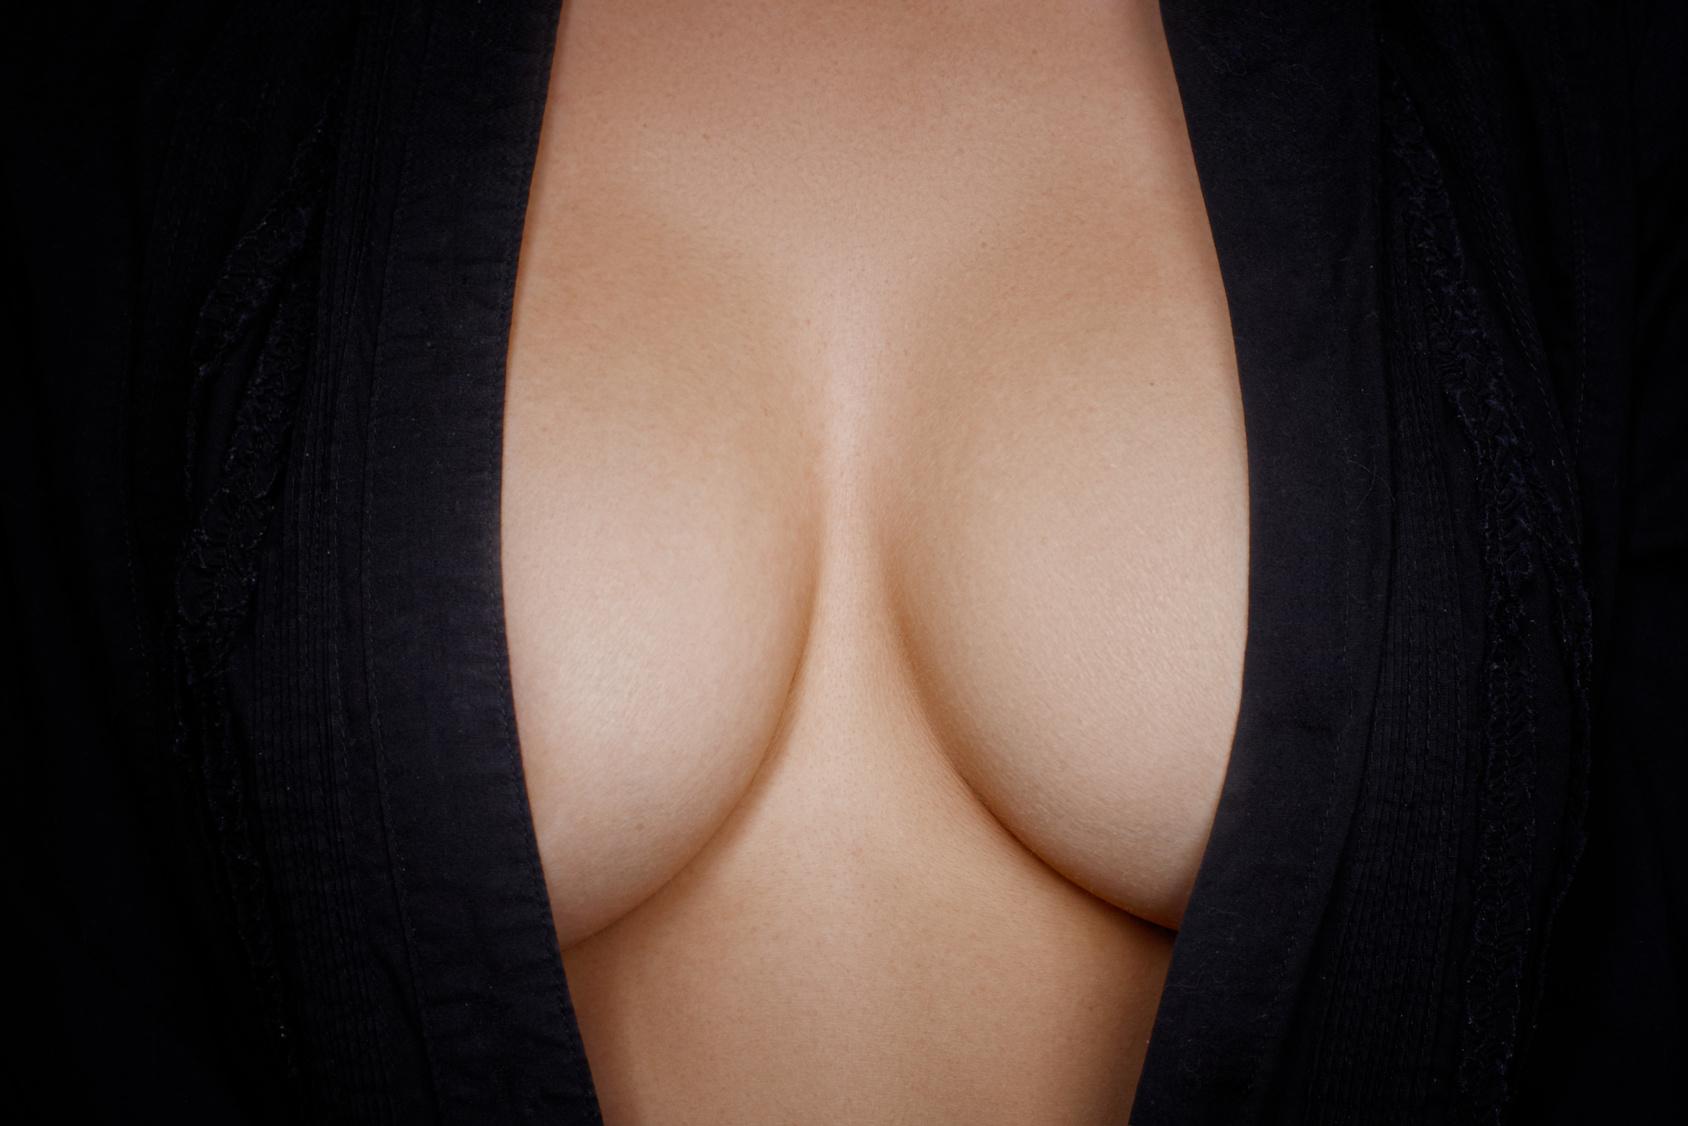 Brust-OP, Minirock und nackte Haut: Darf eine Mutter so sexy sein?